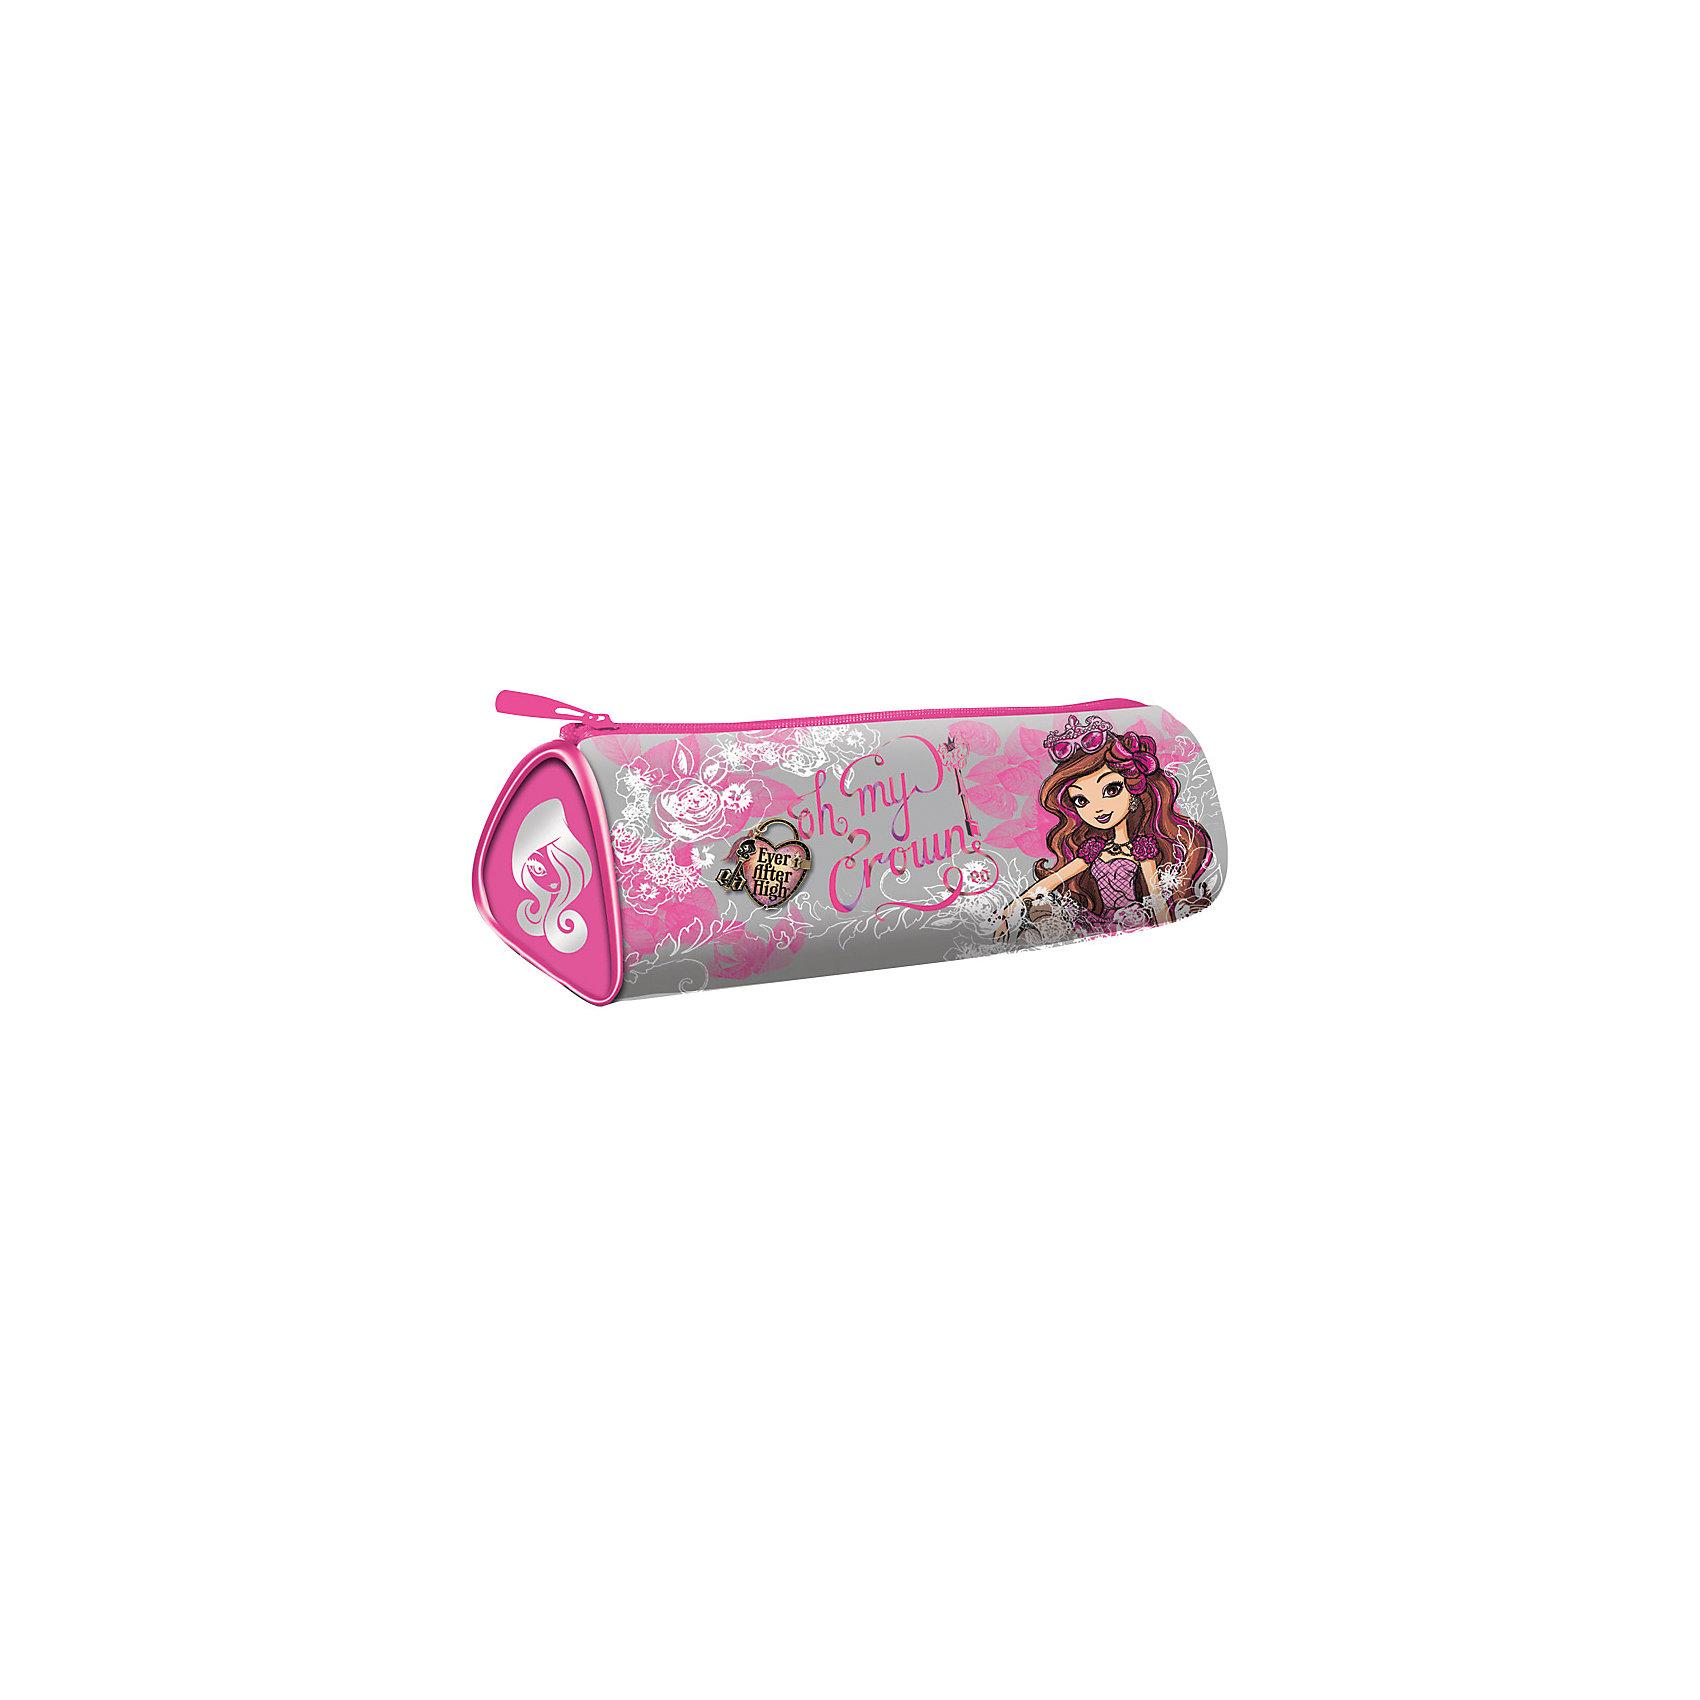 Пенал-тубус треугольный, Ever After High, Mattel , серебро-розовыйЯркий пенал-тубус Ever After High торговой марки Mattel с одним отделением поможет собрать школьные письменные принадлежности. Вместительный корпус выполнен из износостойкого материала, оснащен прочной молнией.<br><br>Ширина мм: 210<br>Глубина мм: 150<br>Высота мм: 110<br>Вес г: 45<br>Возраст от месяцев: 48<br>Возраст до месяцев: 120<br>Пол: Женский<br>Возраст: Детский<br>SKU: 5475502